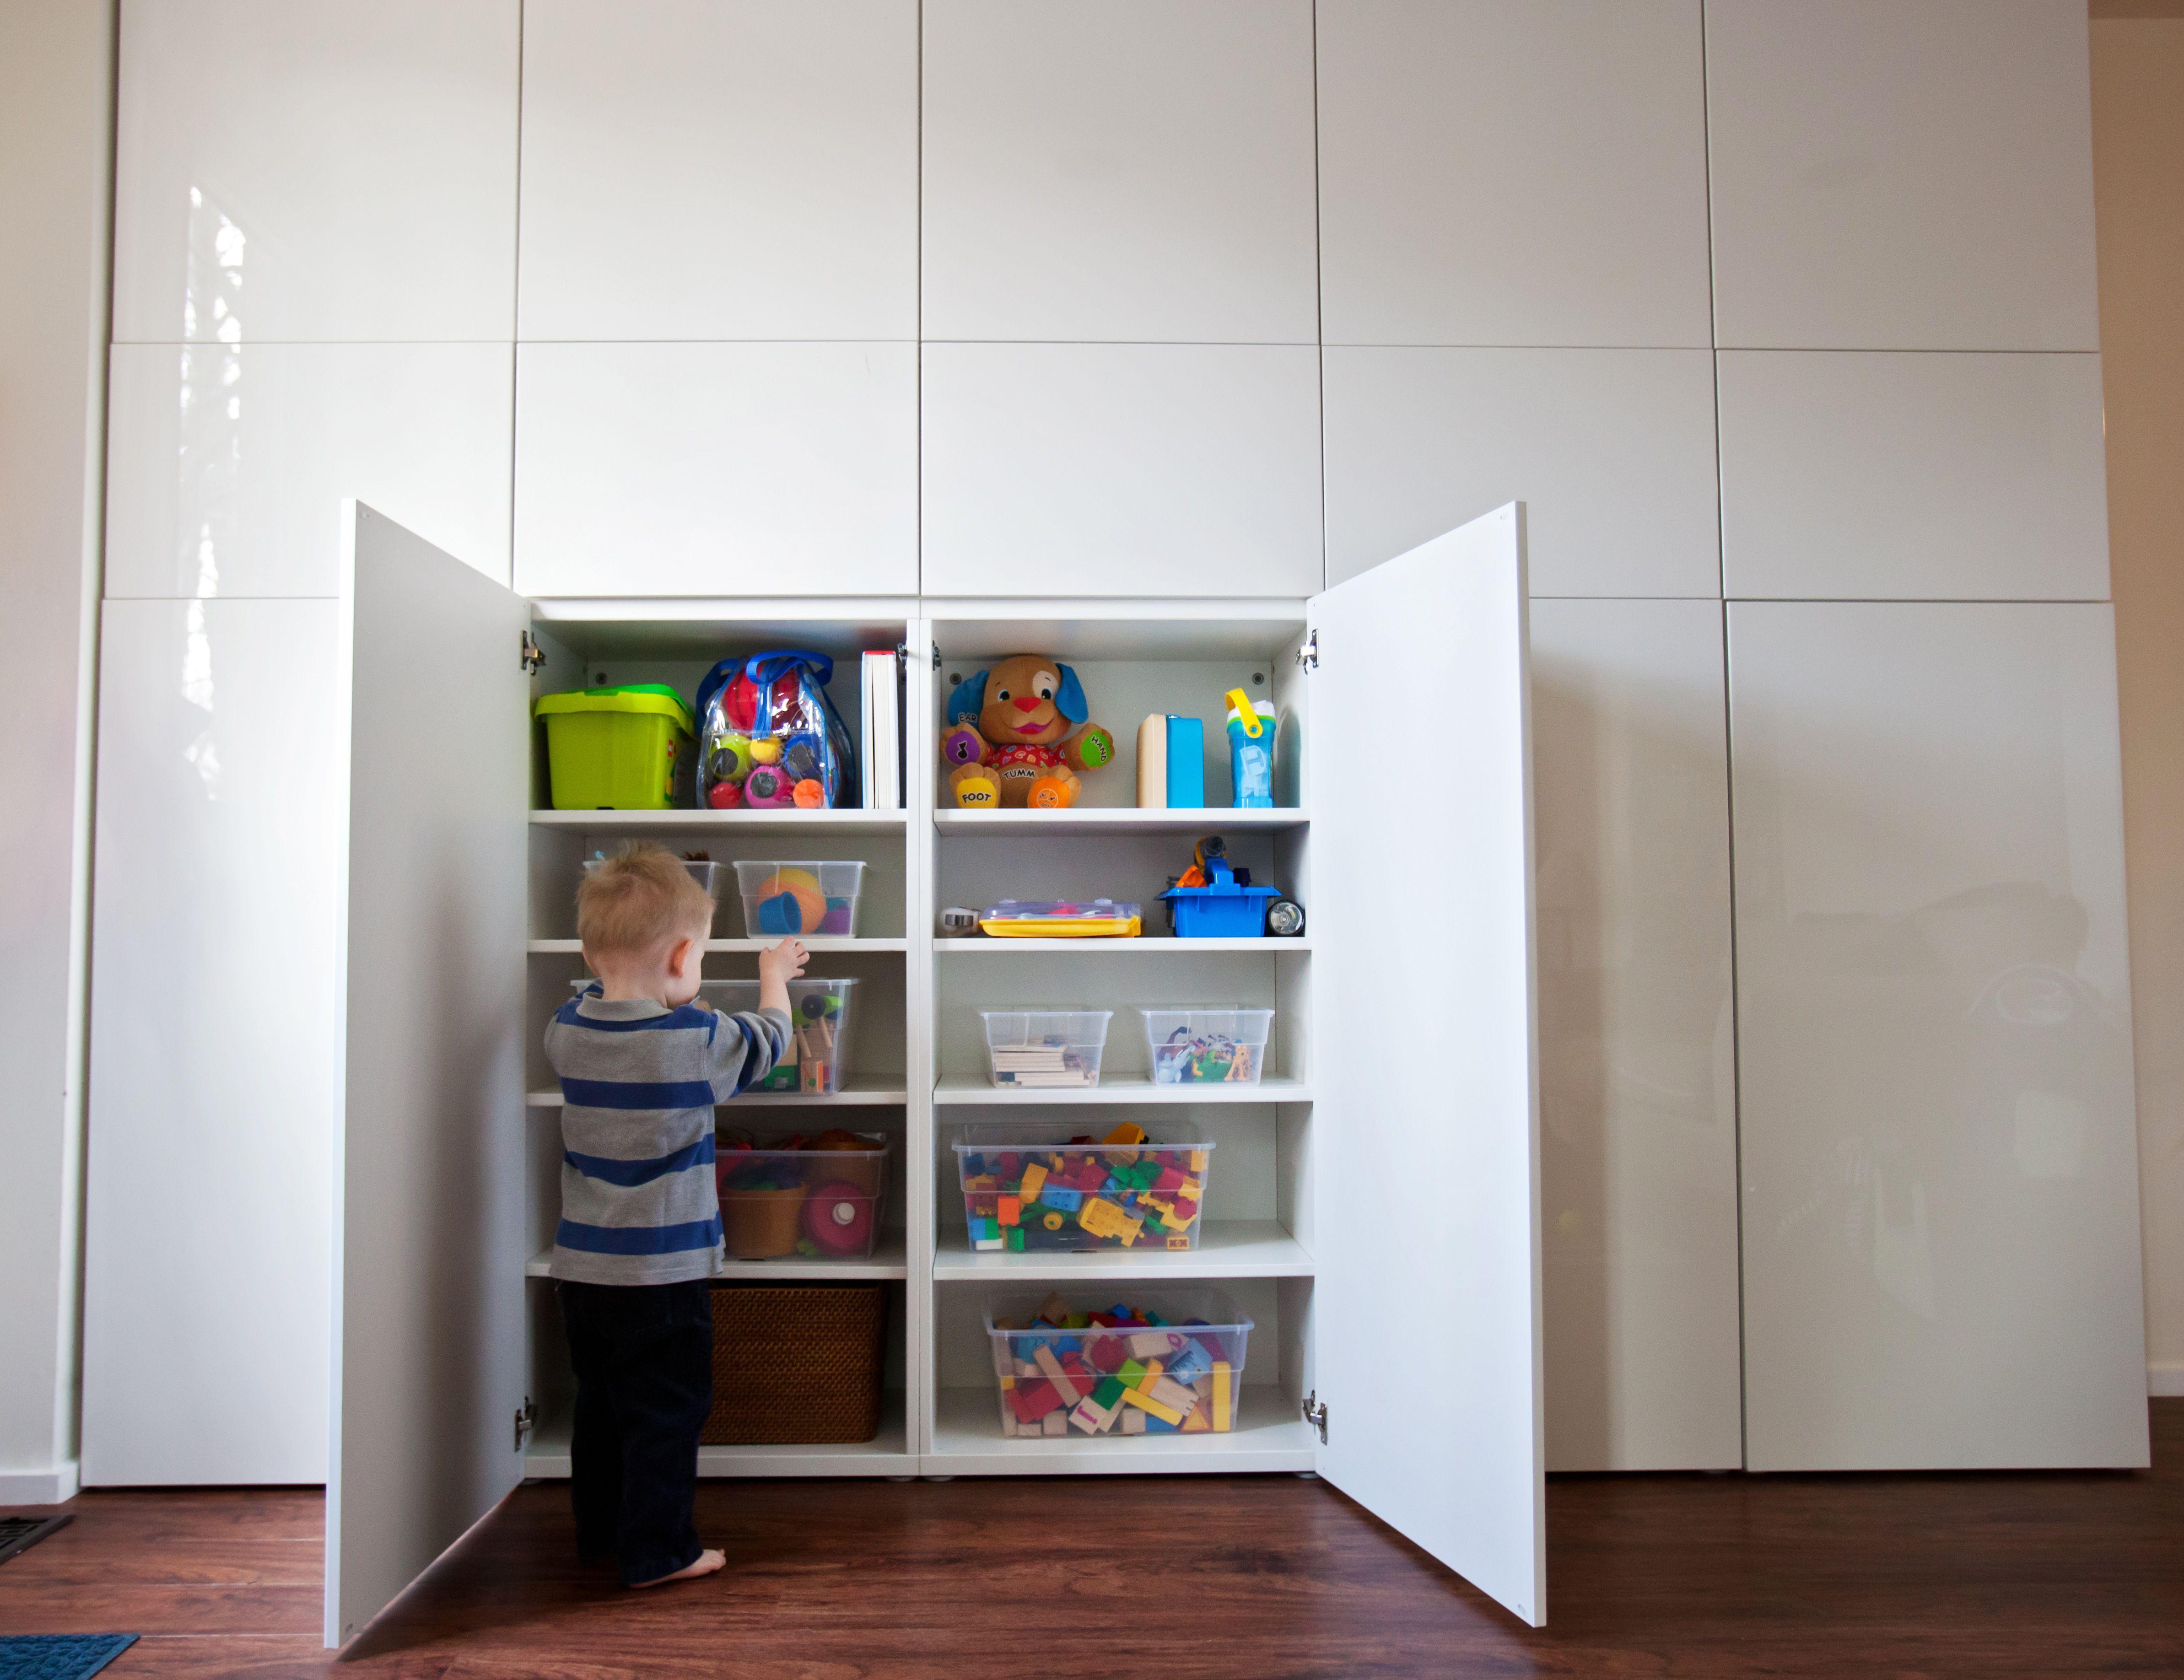 Harfe Wandschrank Stauraum Raumgestaltung Wohnzimmer Spielzimmer Speicher Kellerabteil Ikea Spielzeugspeicher